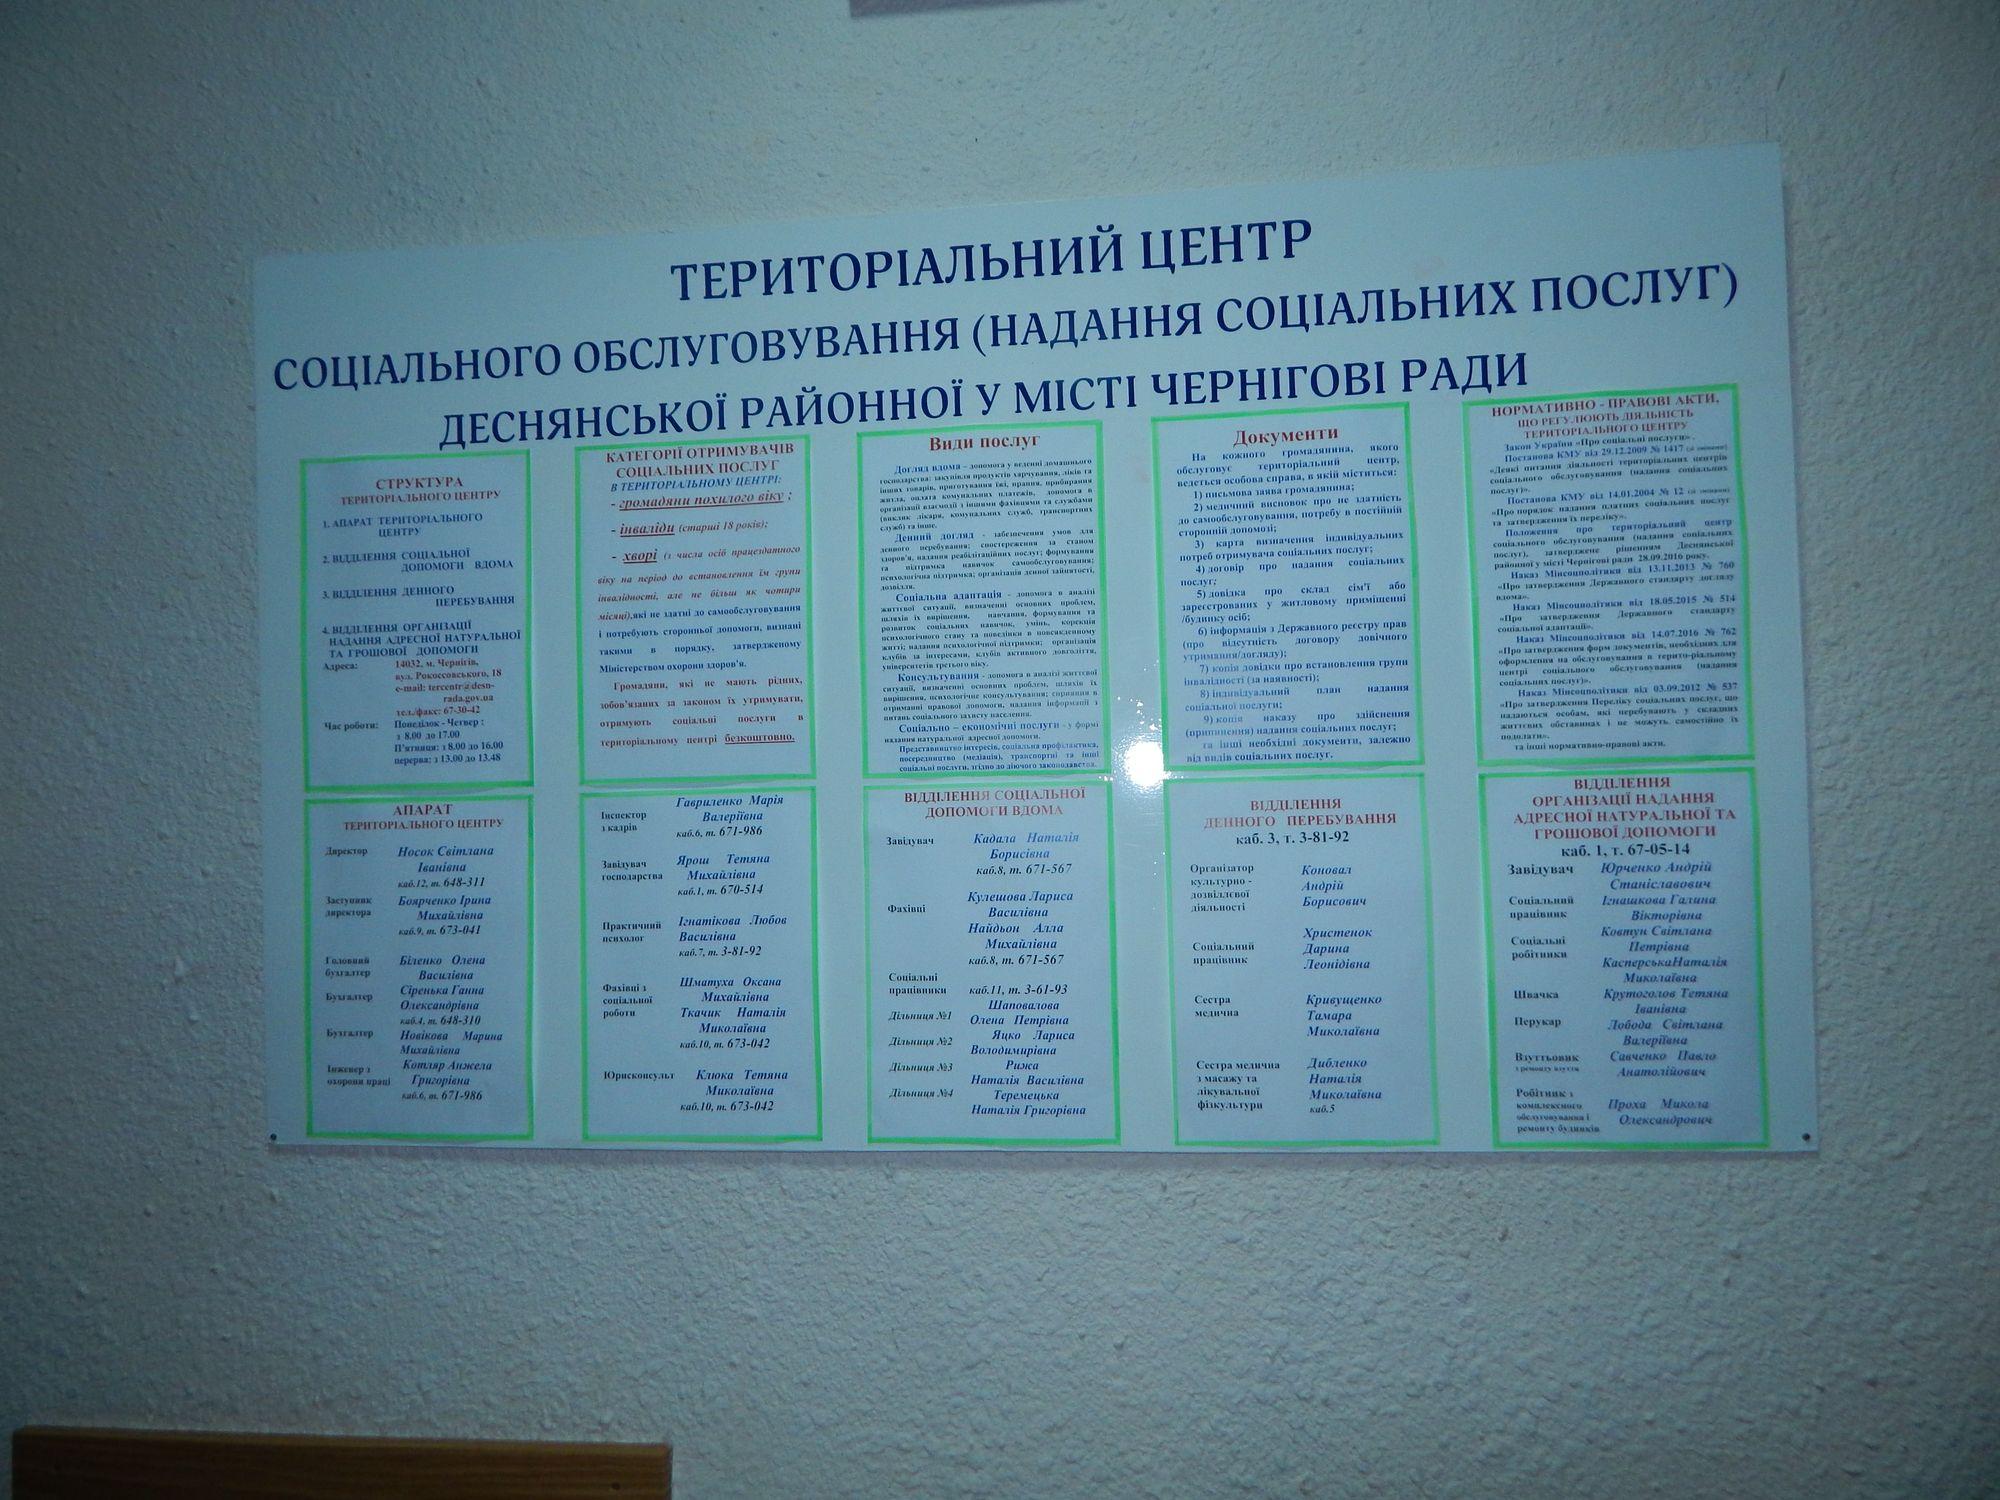 Територіальний центр отримав від Віктора Бистрова солодкі подарунки (Фото)